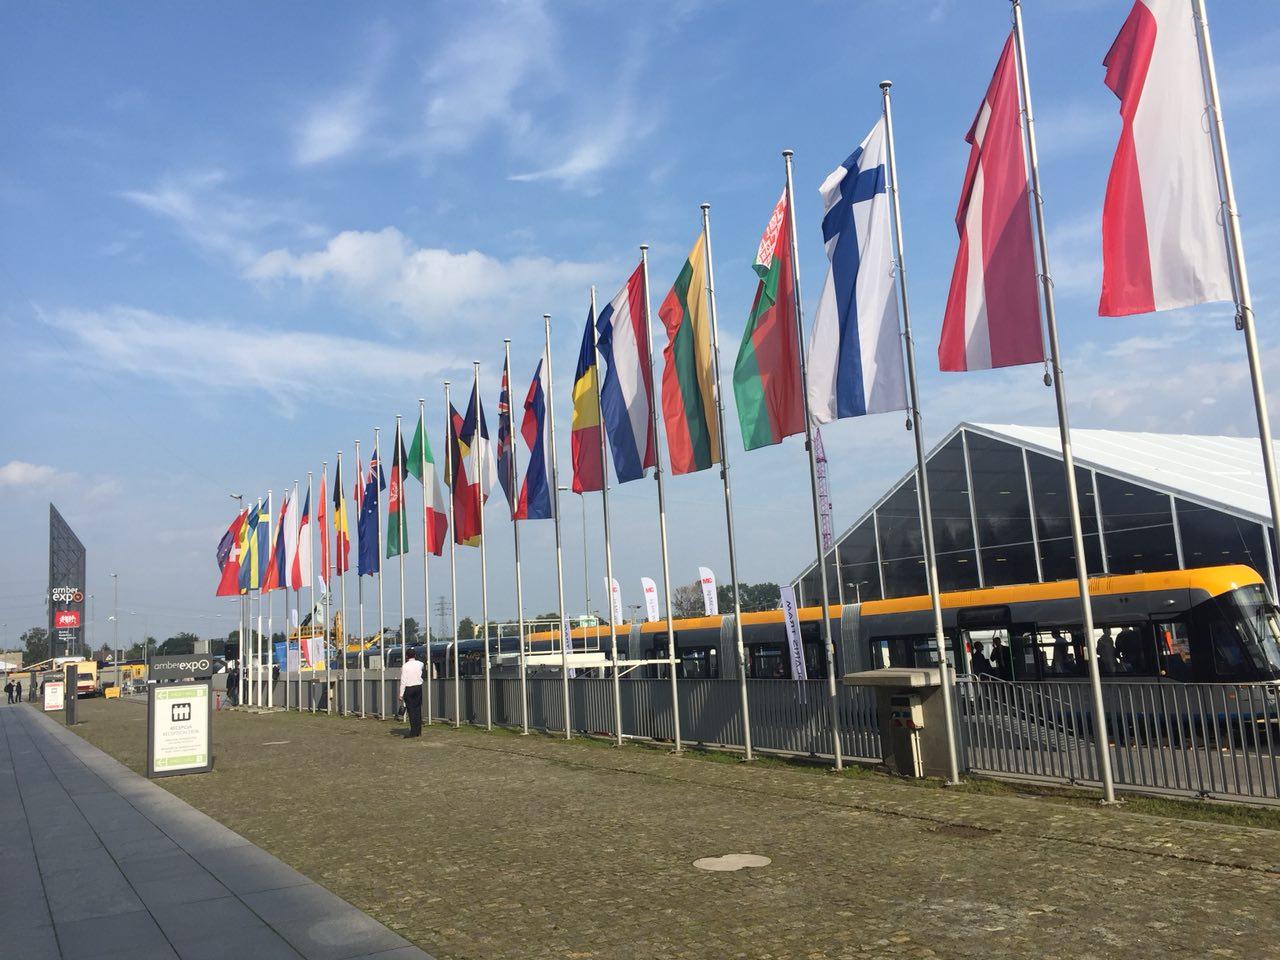 С 26.09.2017 по 29.09.2017 компания КЗЭСО принимает участие в 12-ой ярмарке - выставке ТRAKO – 2017